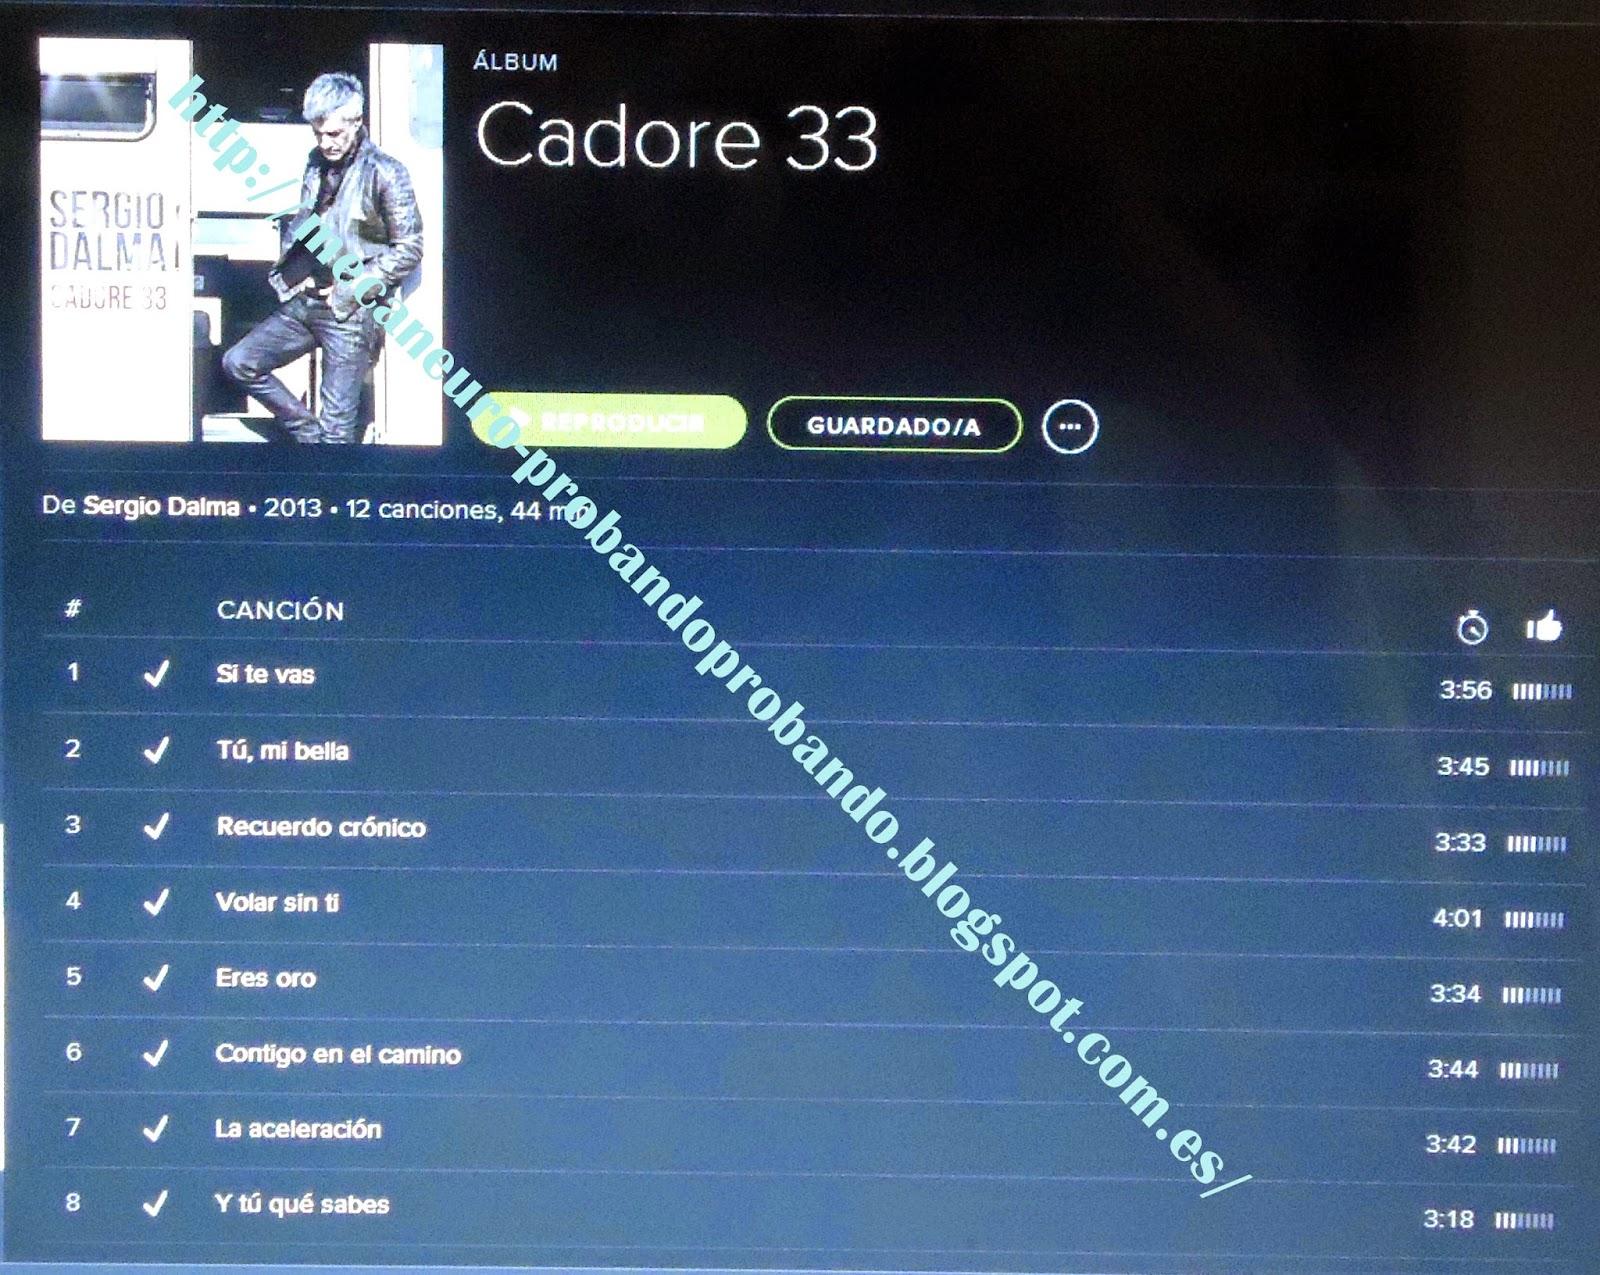 Cadore 33, el nuevo cd de Sergio Dalma